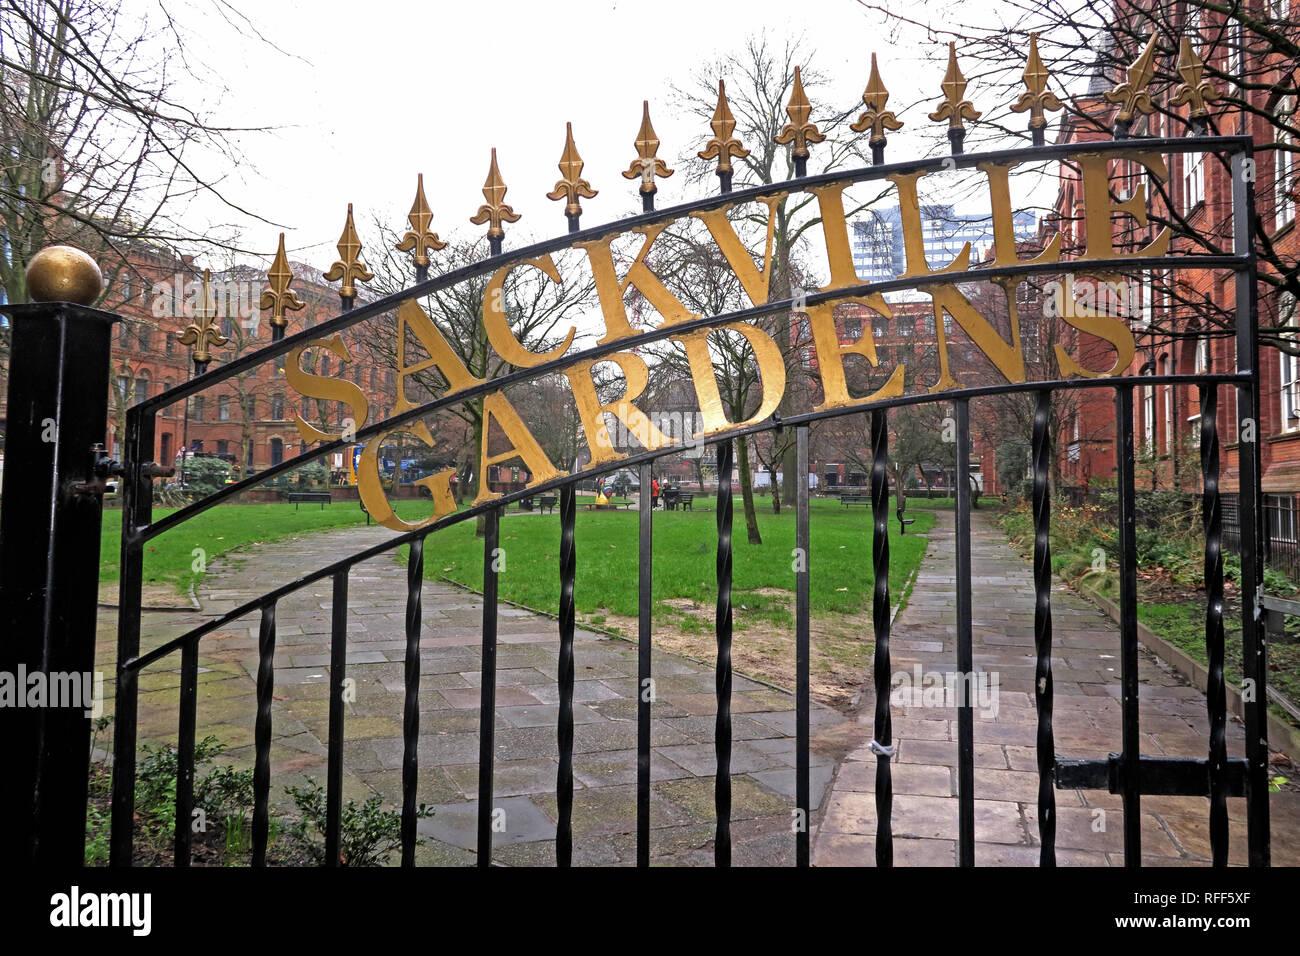 Laden Sie dieses Alamy Stockfoto Sackville Gärten Tore, Canal Street, Manchester M1 3HB - RFF5XF